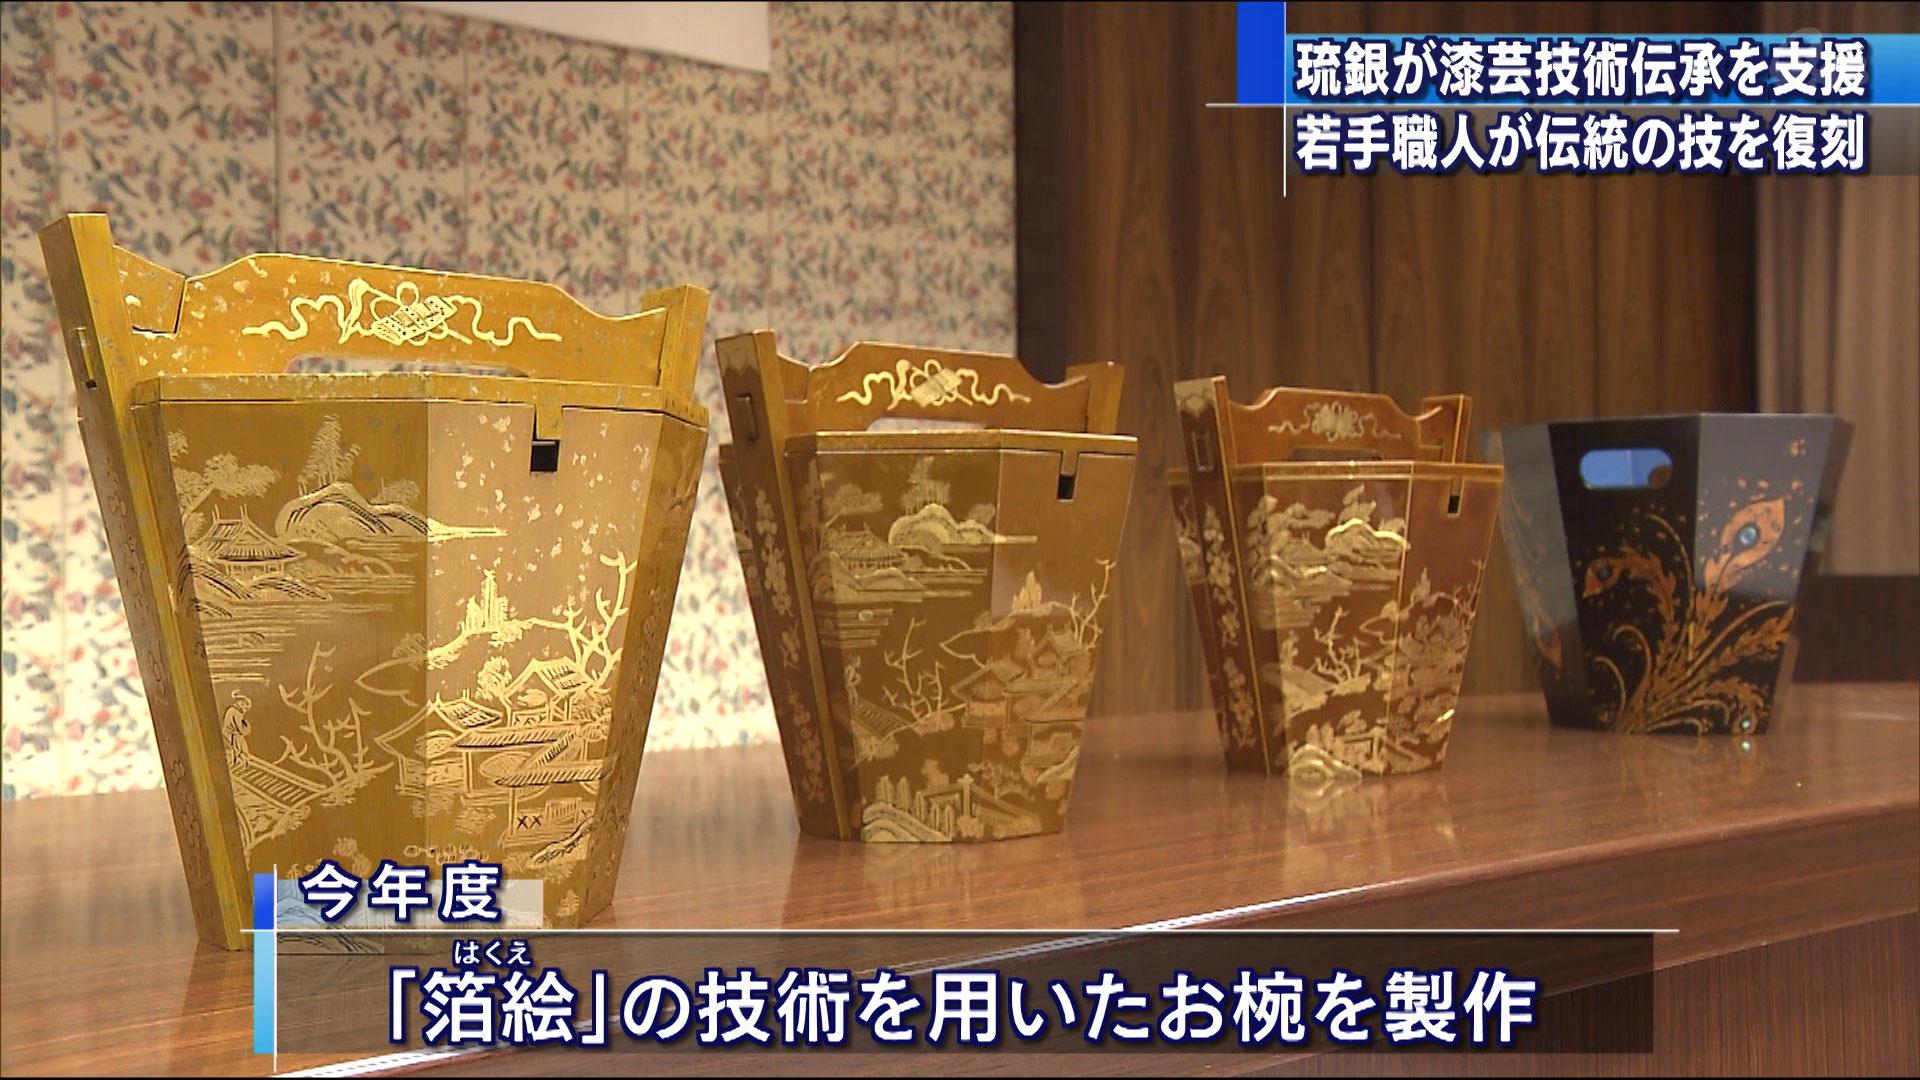 琉銀が「琉球漆芸」の技術伝承を支援